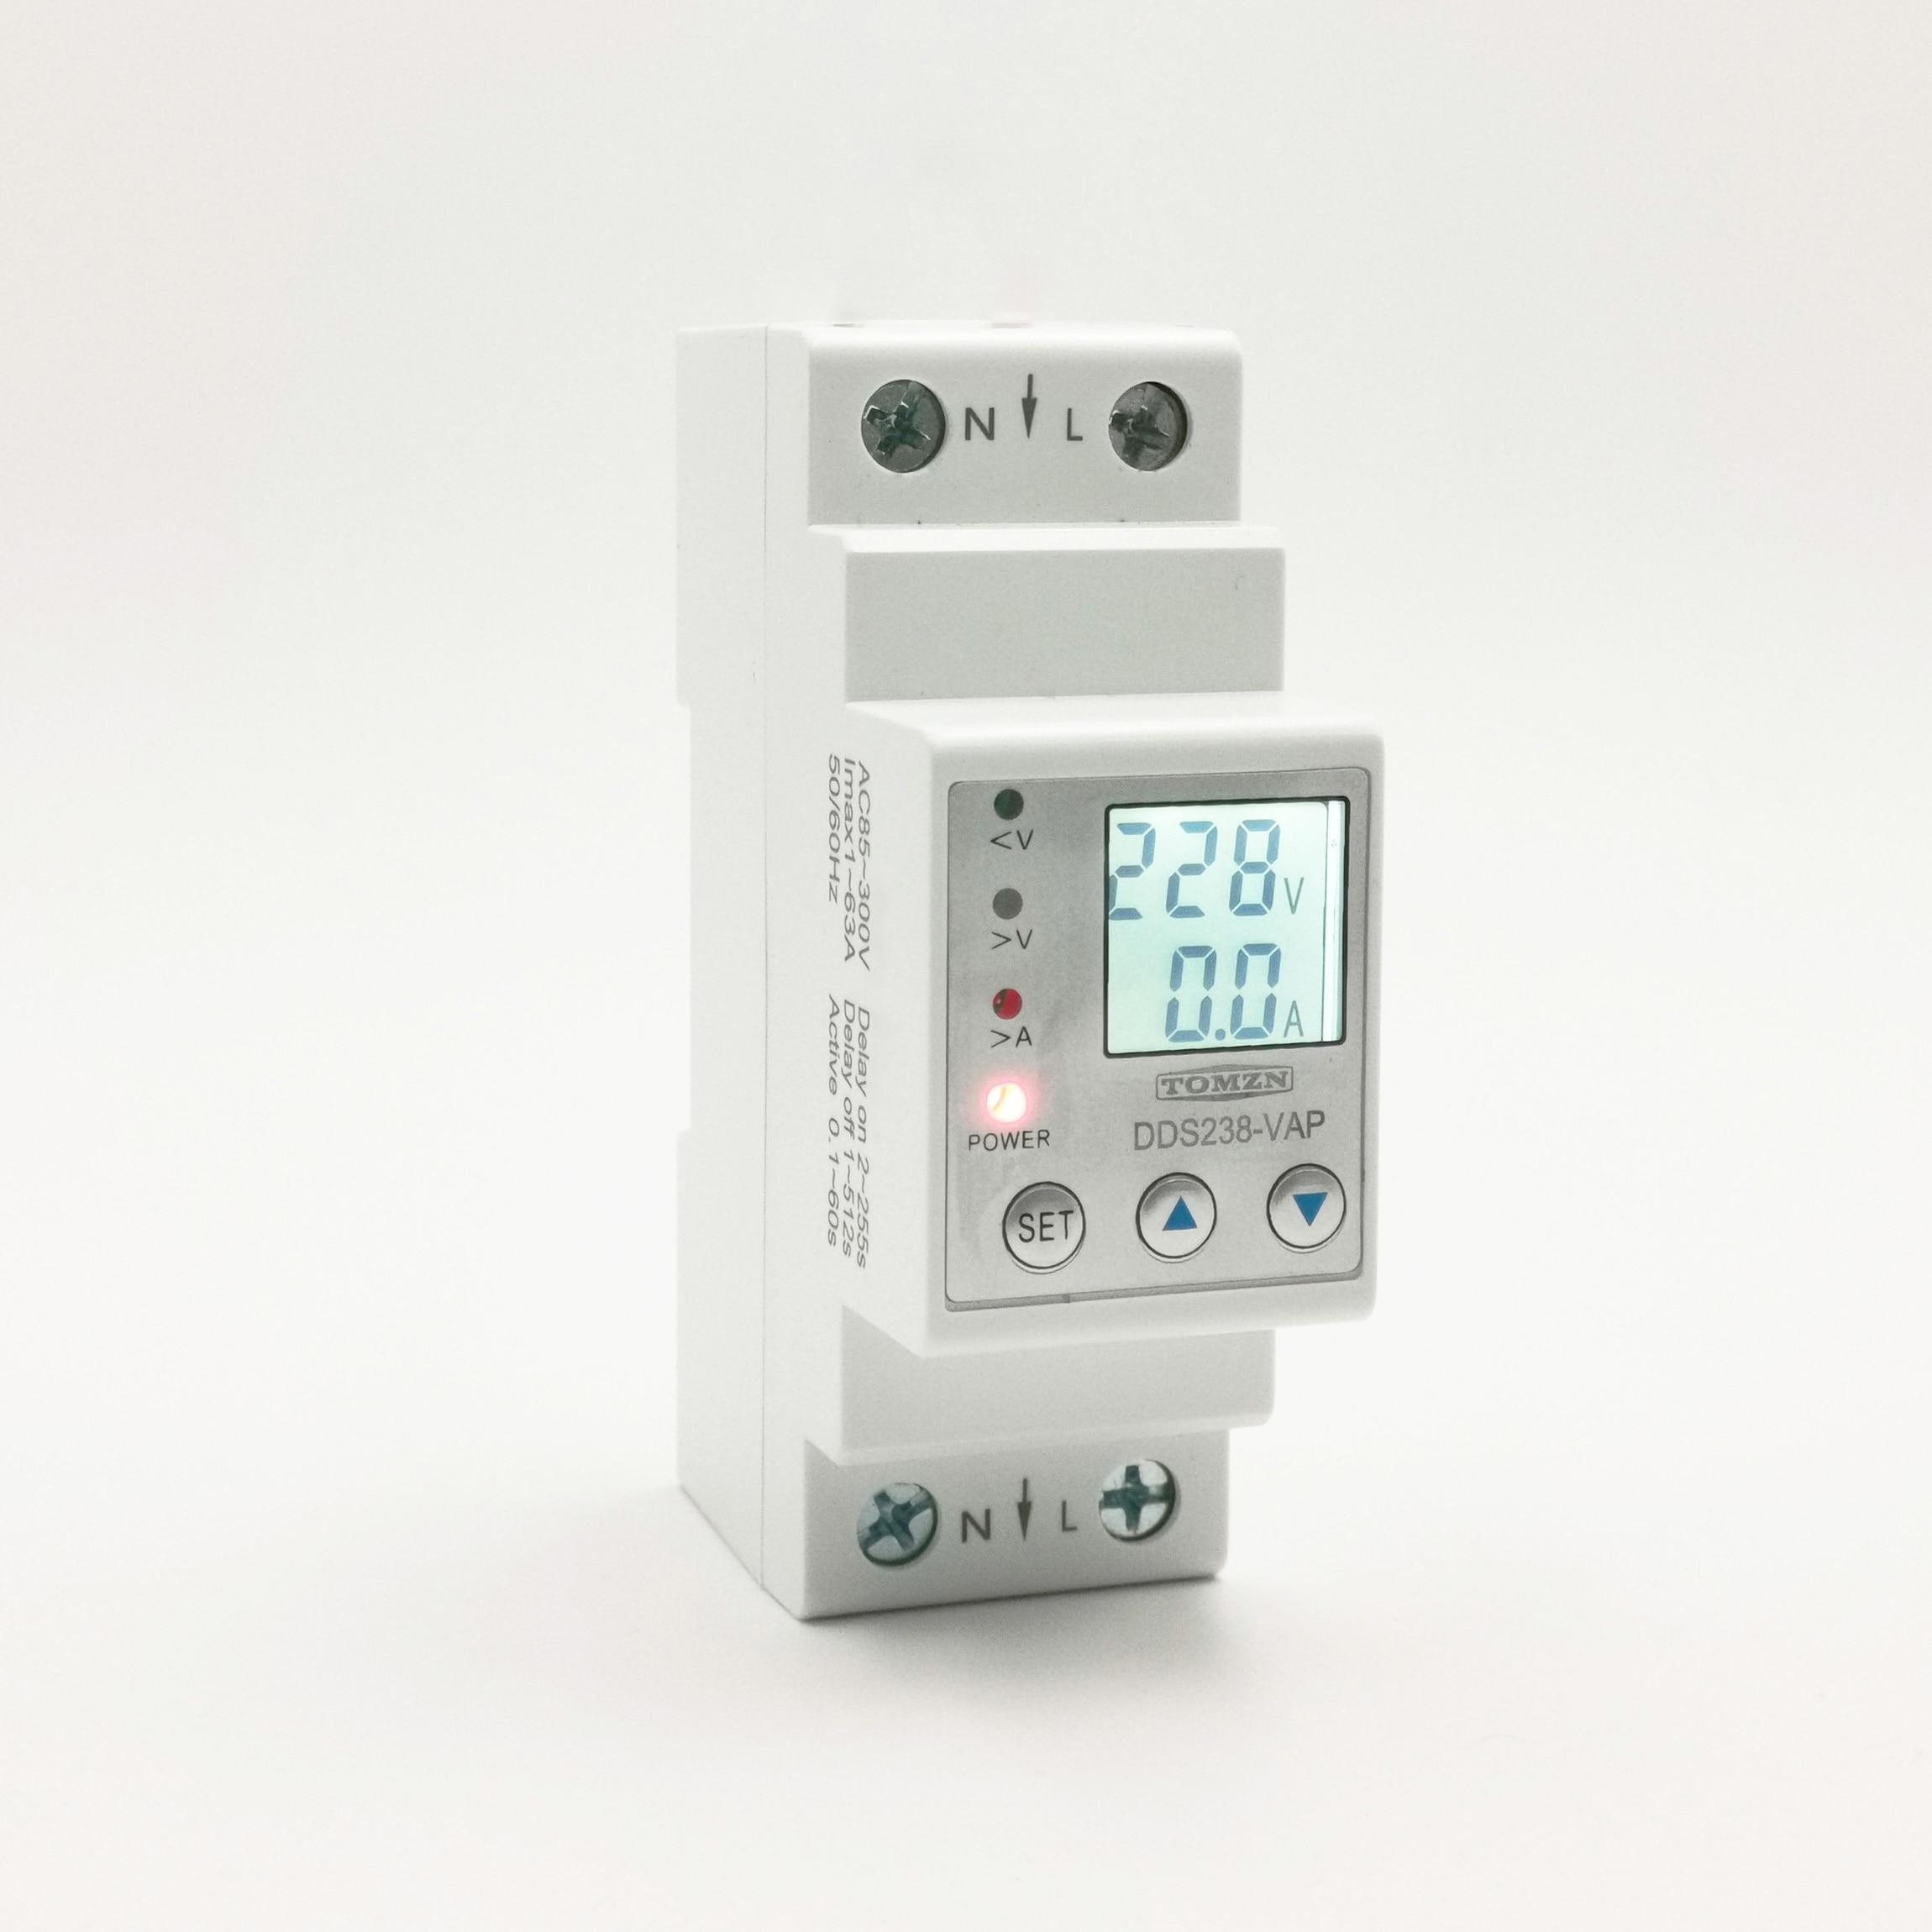 63A 110V 230V Din Rail Adjustable Over Under Voltage Protective Device Protector Current Limit Protection Voltmeter Energy Meter